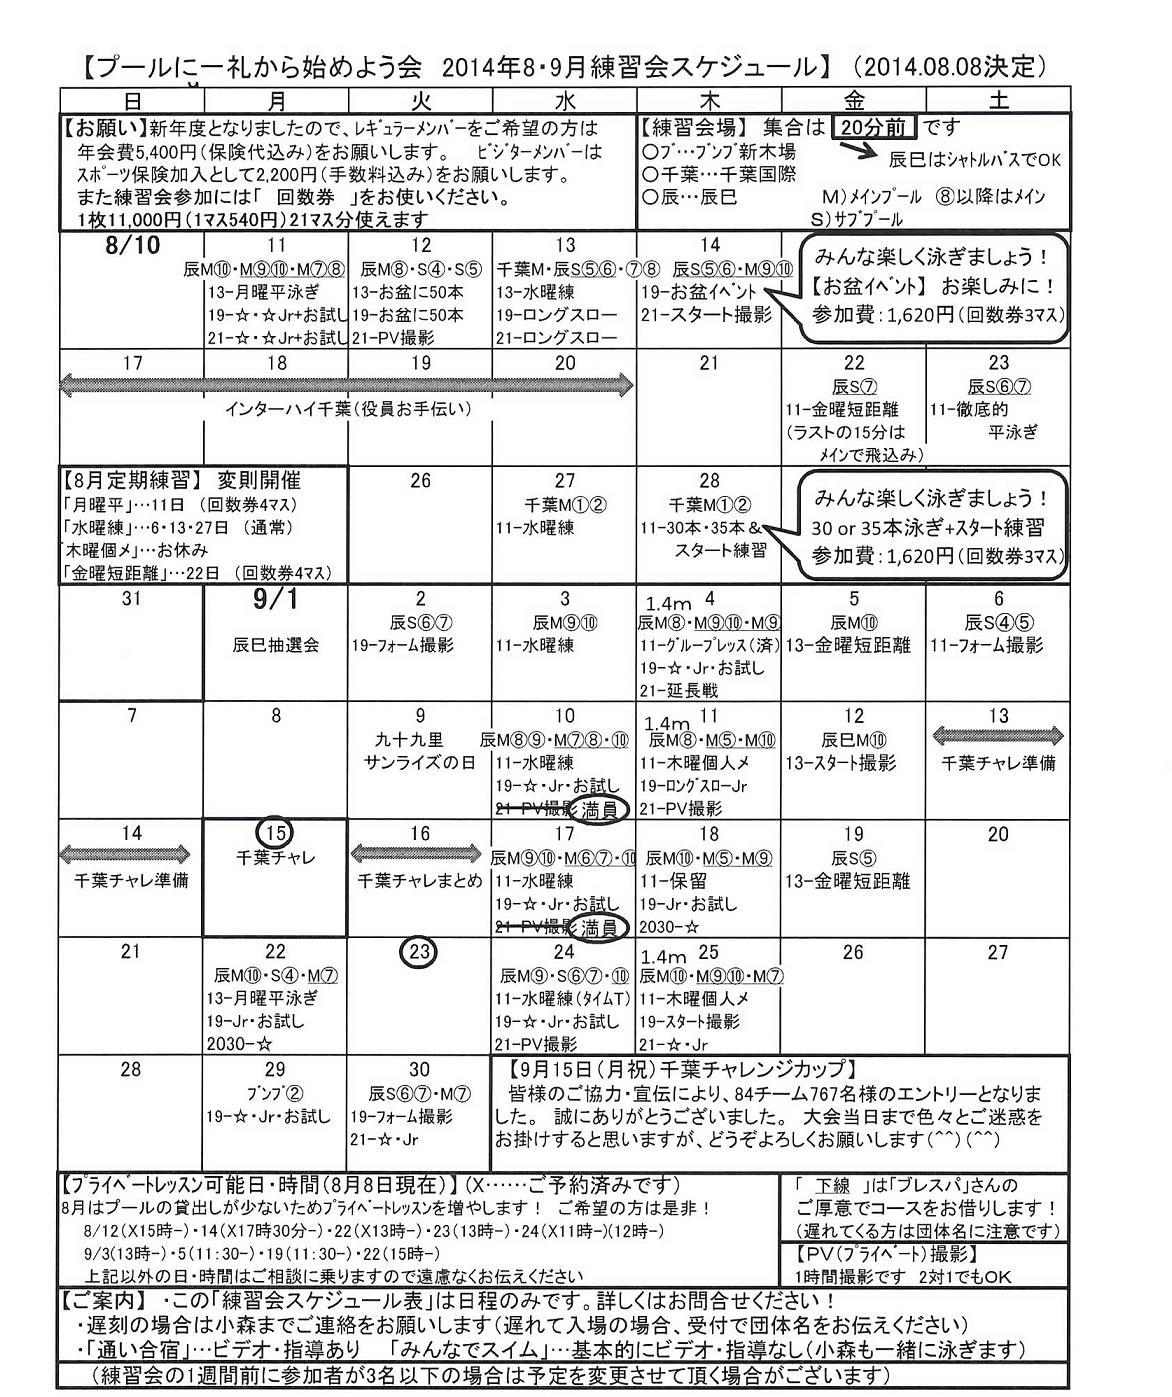 20140809スケ